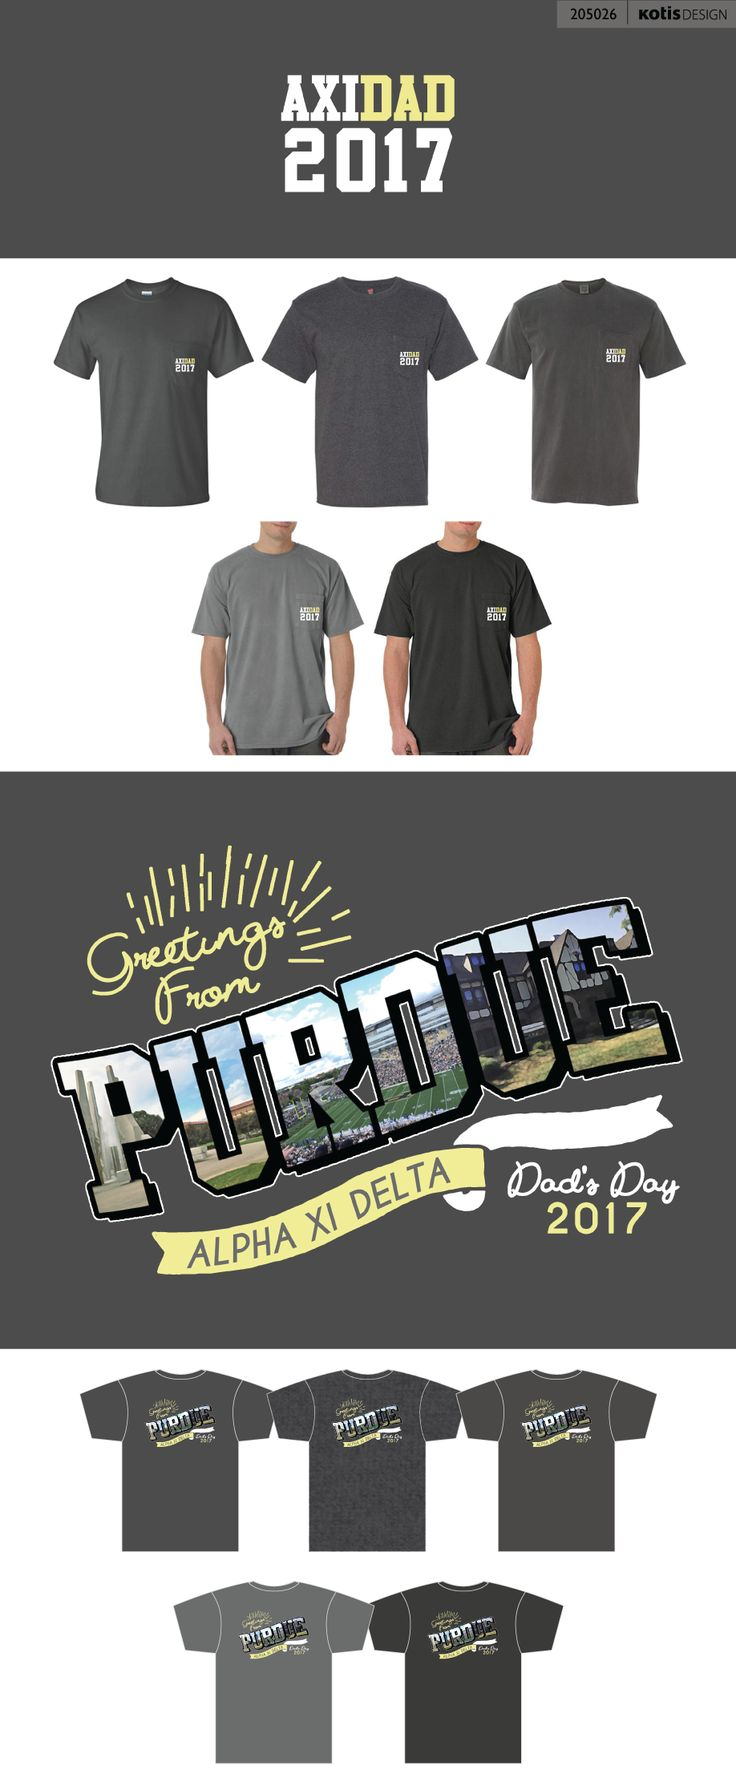 205026 Purdue AXiD Dadu0027s Weekend